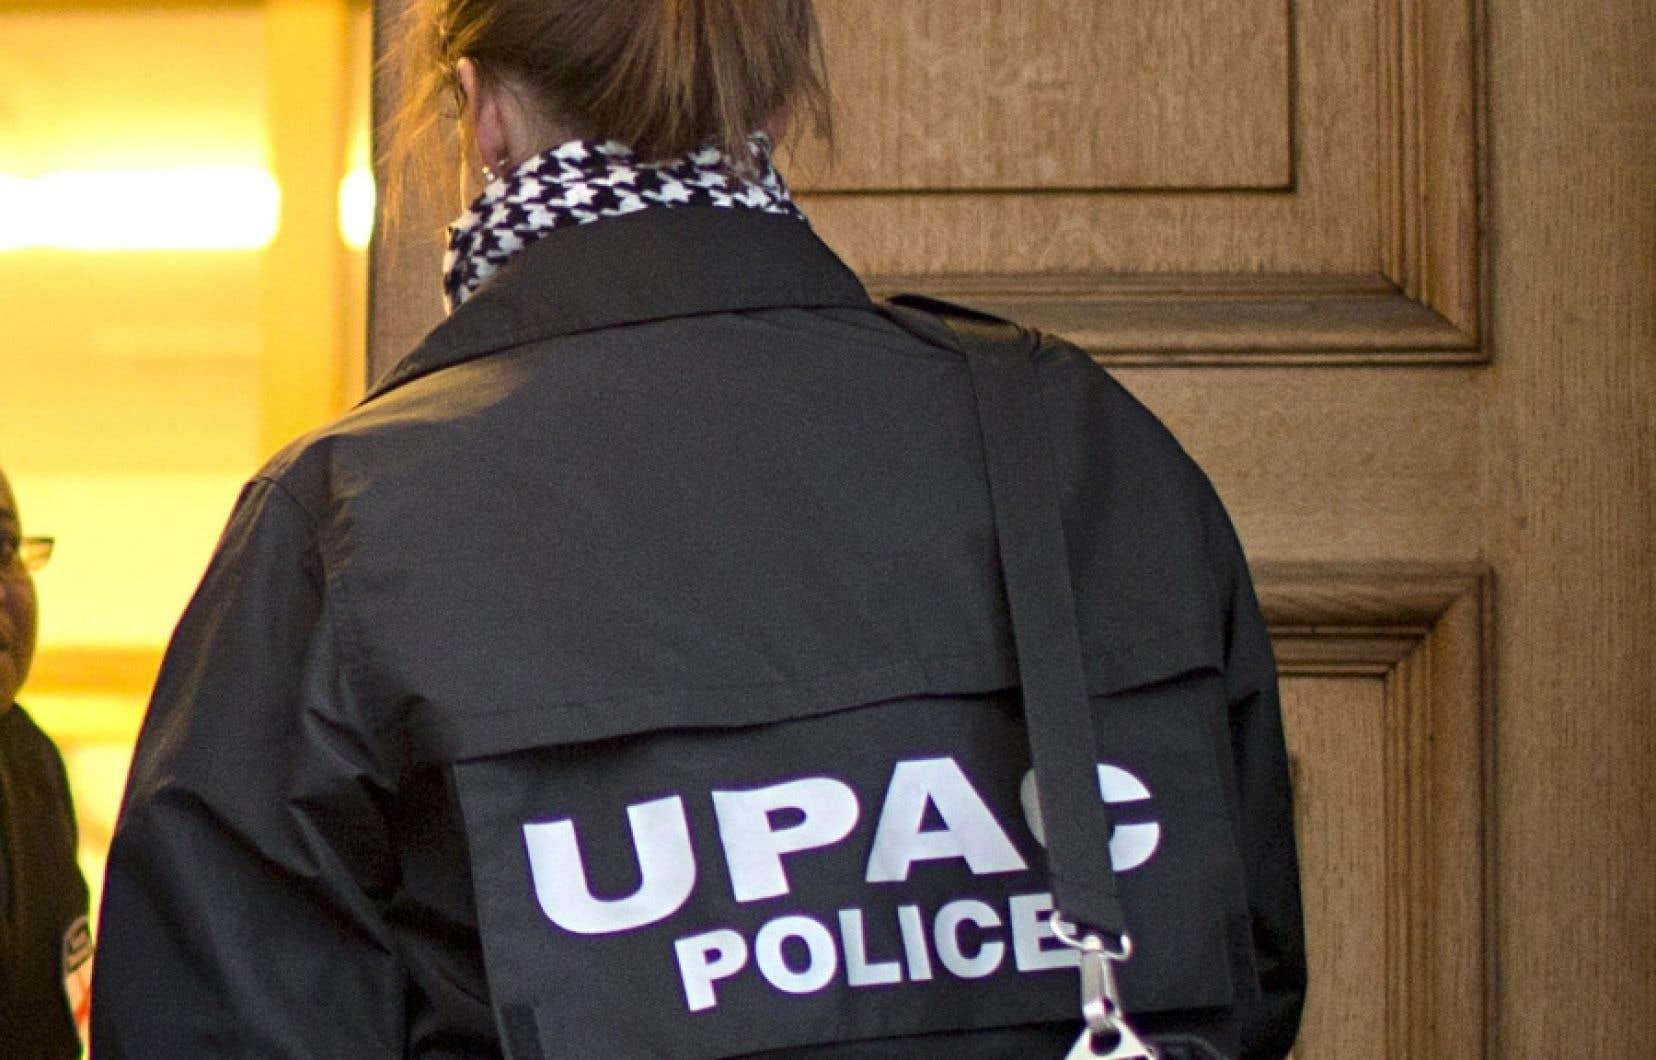 Les policiers enquêtent sur des allégations de fraude envers le gouvernement, d'entreprise qui souscrit à une caisse électorale, de trafic d'influence, de fraude et de complot.